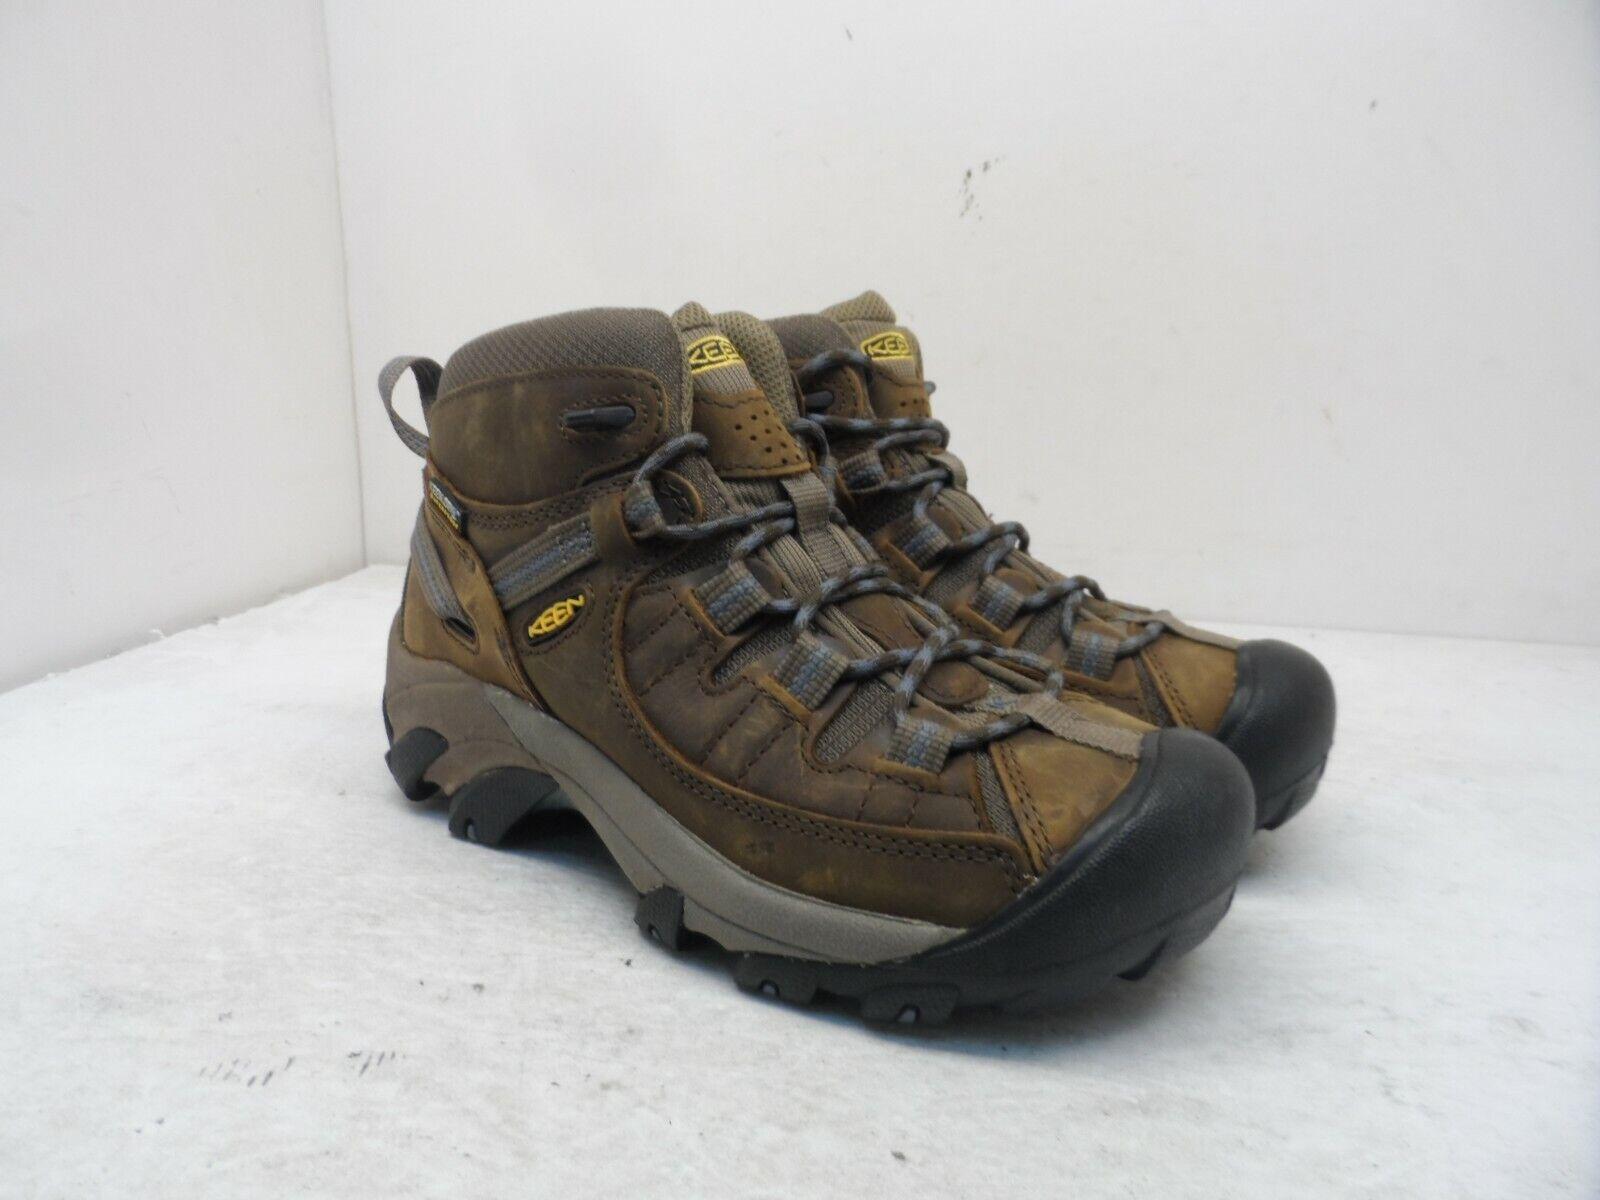 Keen Women's Targhee II WP Mid Hiking Trail Boots Slate Black/Flint Stone 6M